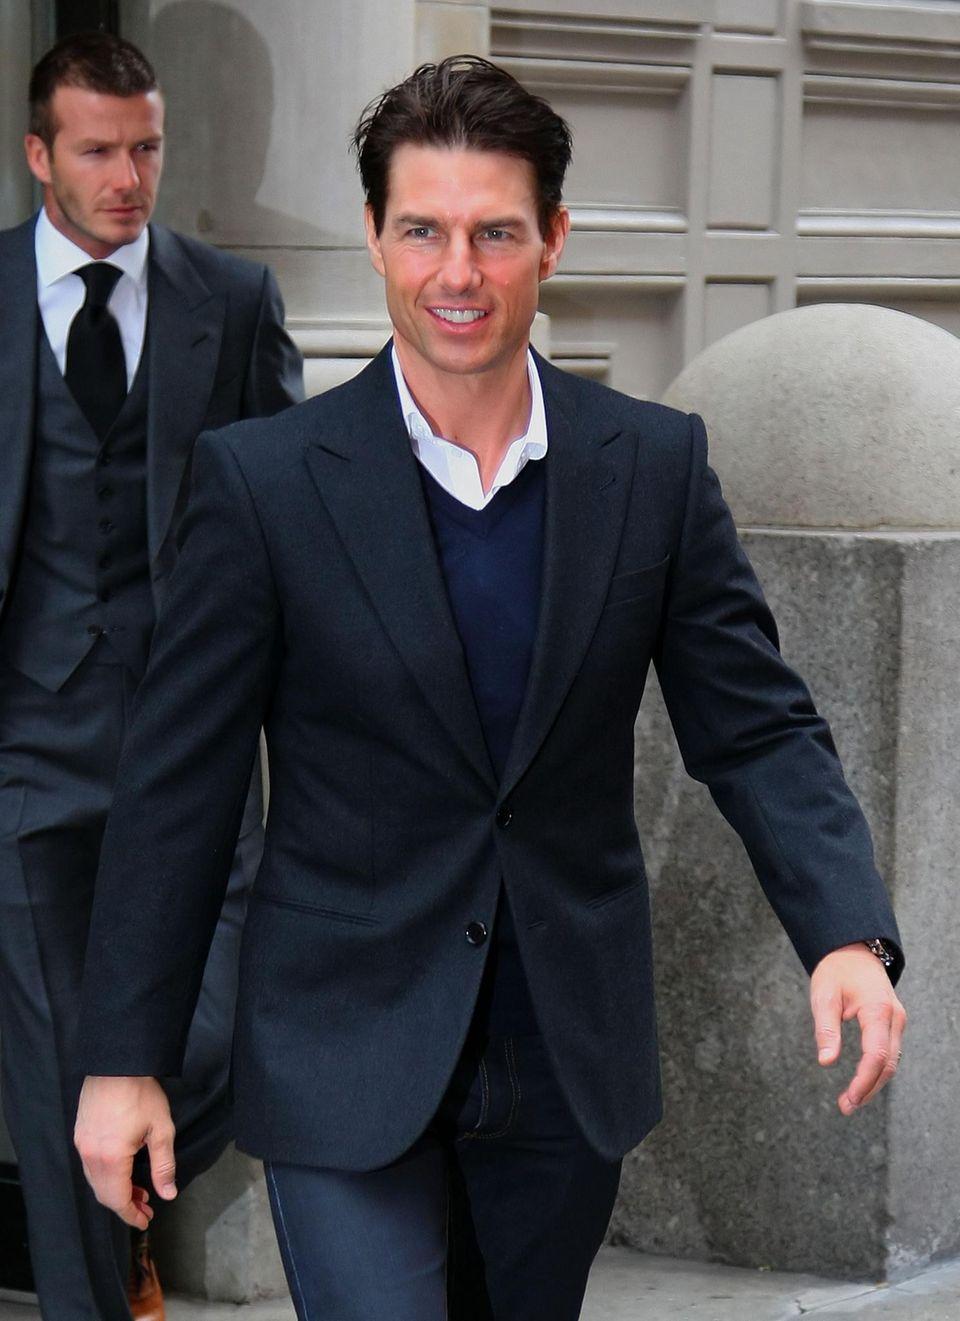 Teilen sie sich bald den roten Teppich? Schon lange soll Tom Cruise, 50, David Beckham (hinten) zur Schauspielerei raten.